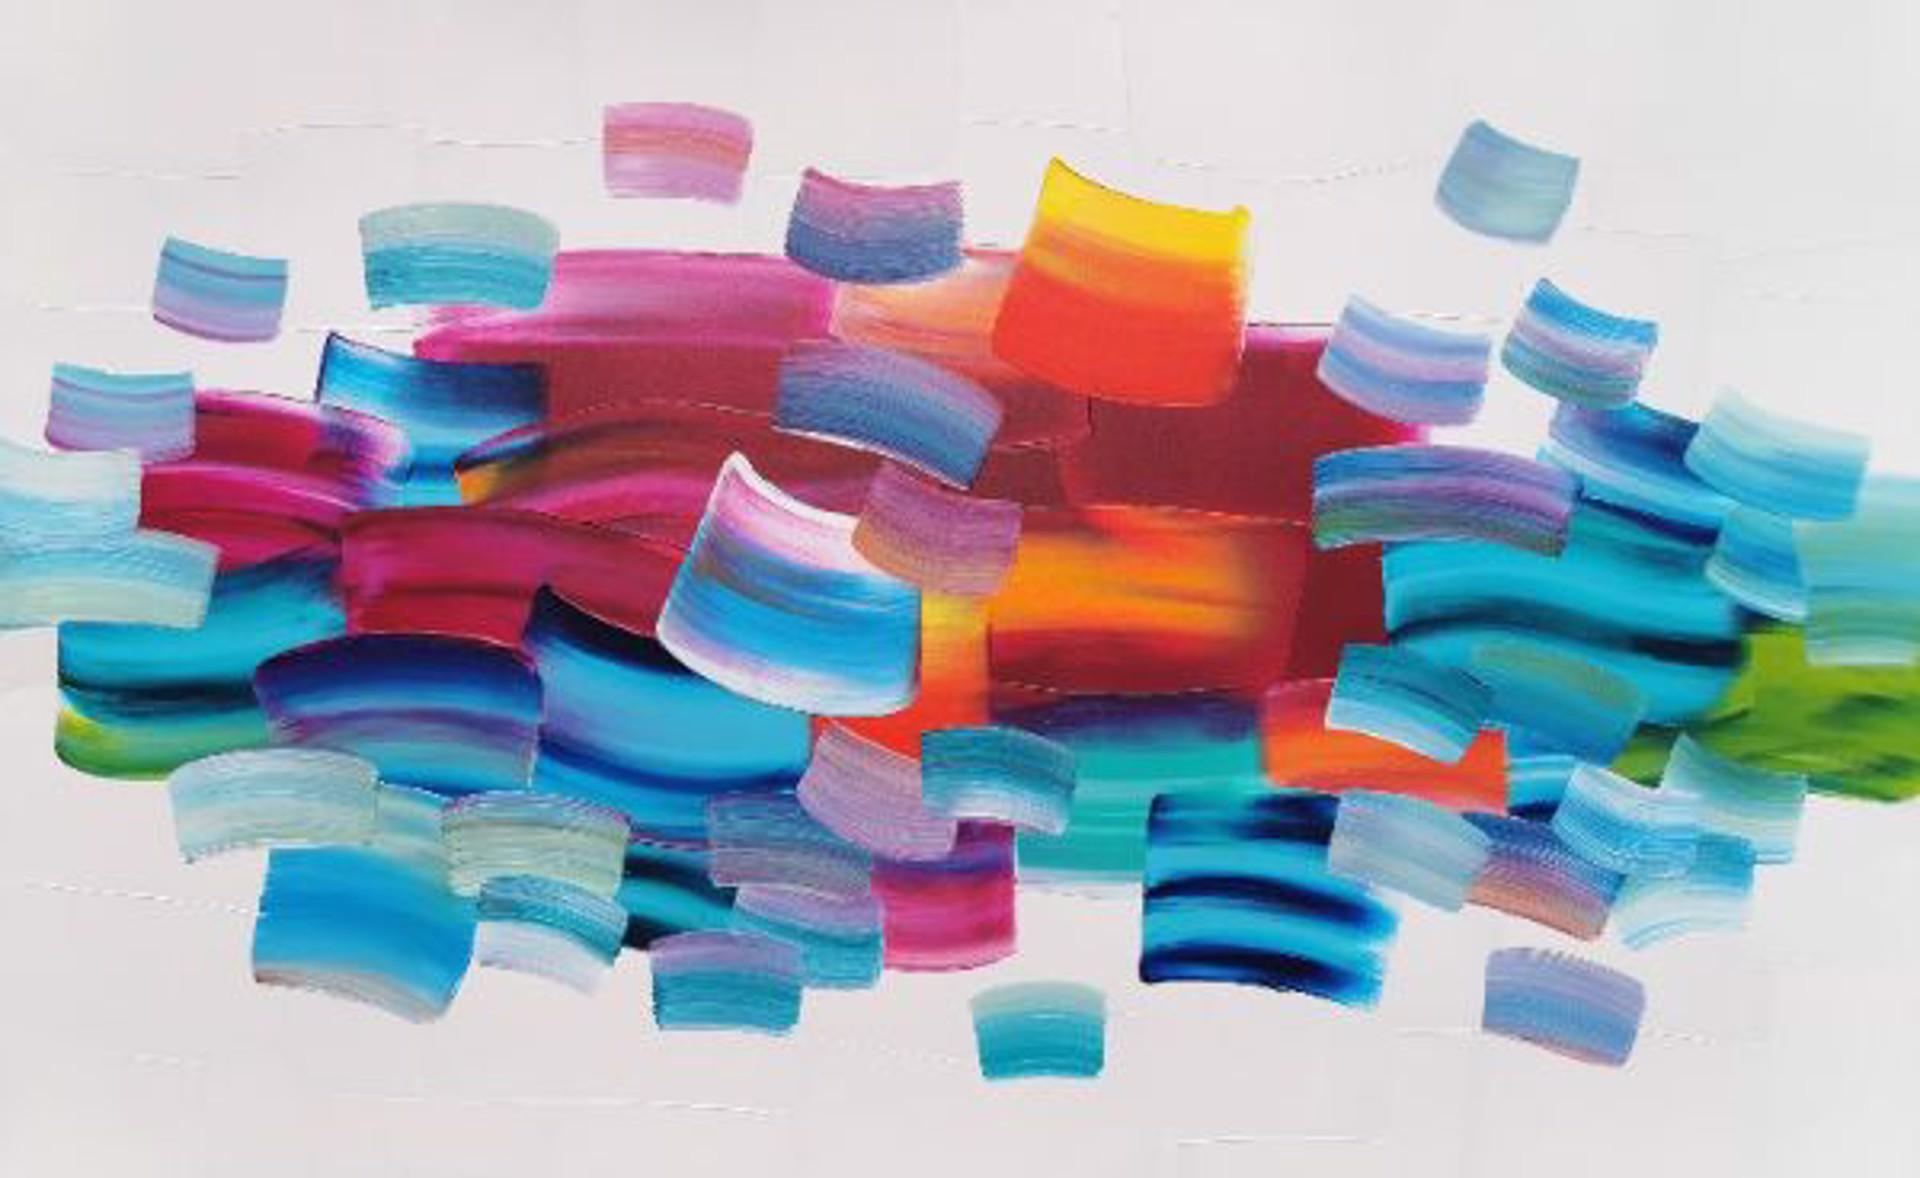 Flow 2120 by STEPHANIE RIVET